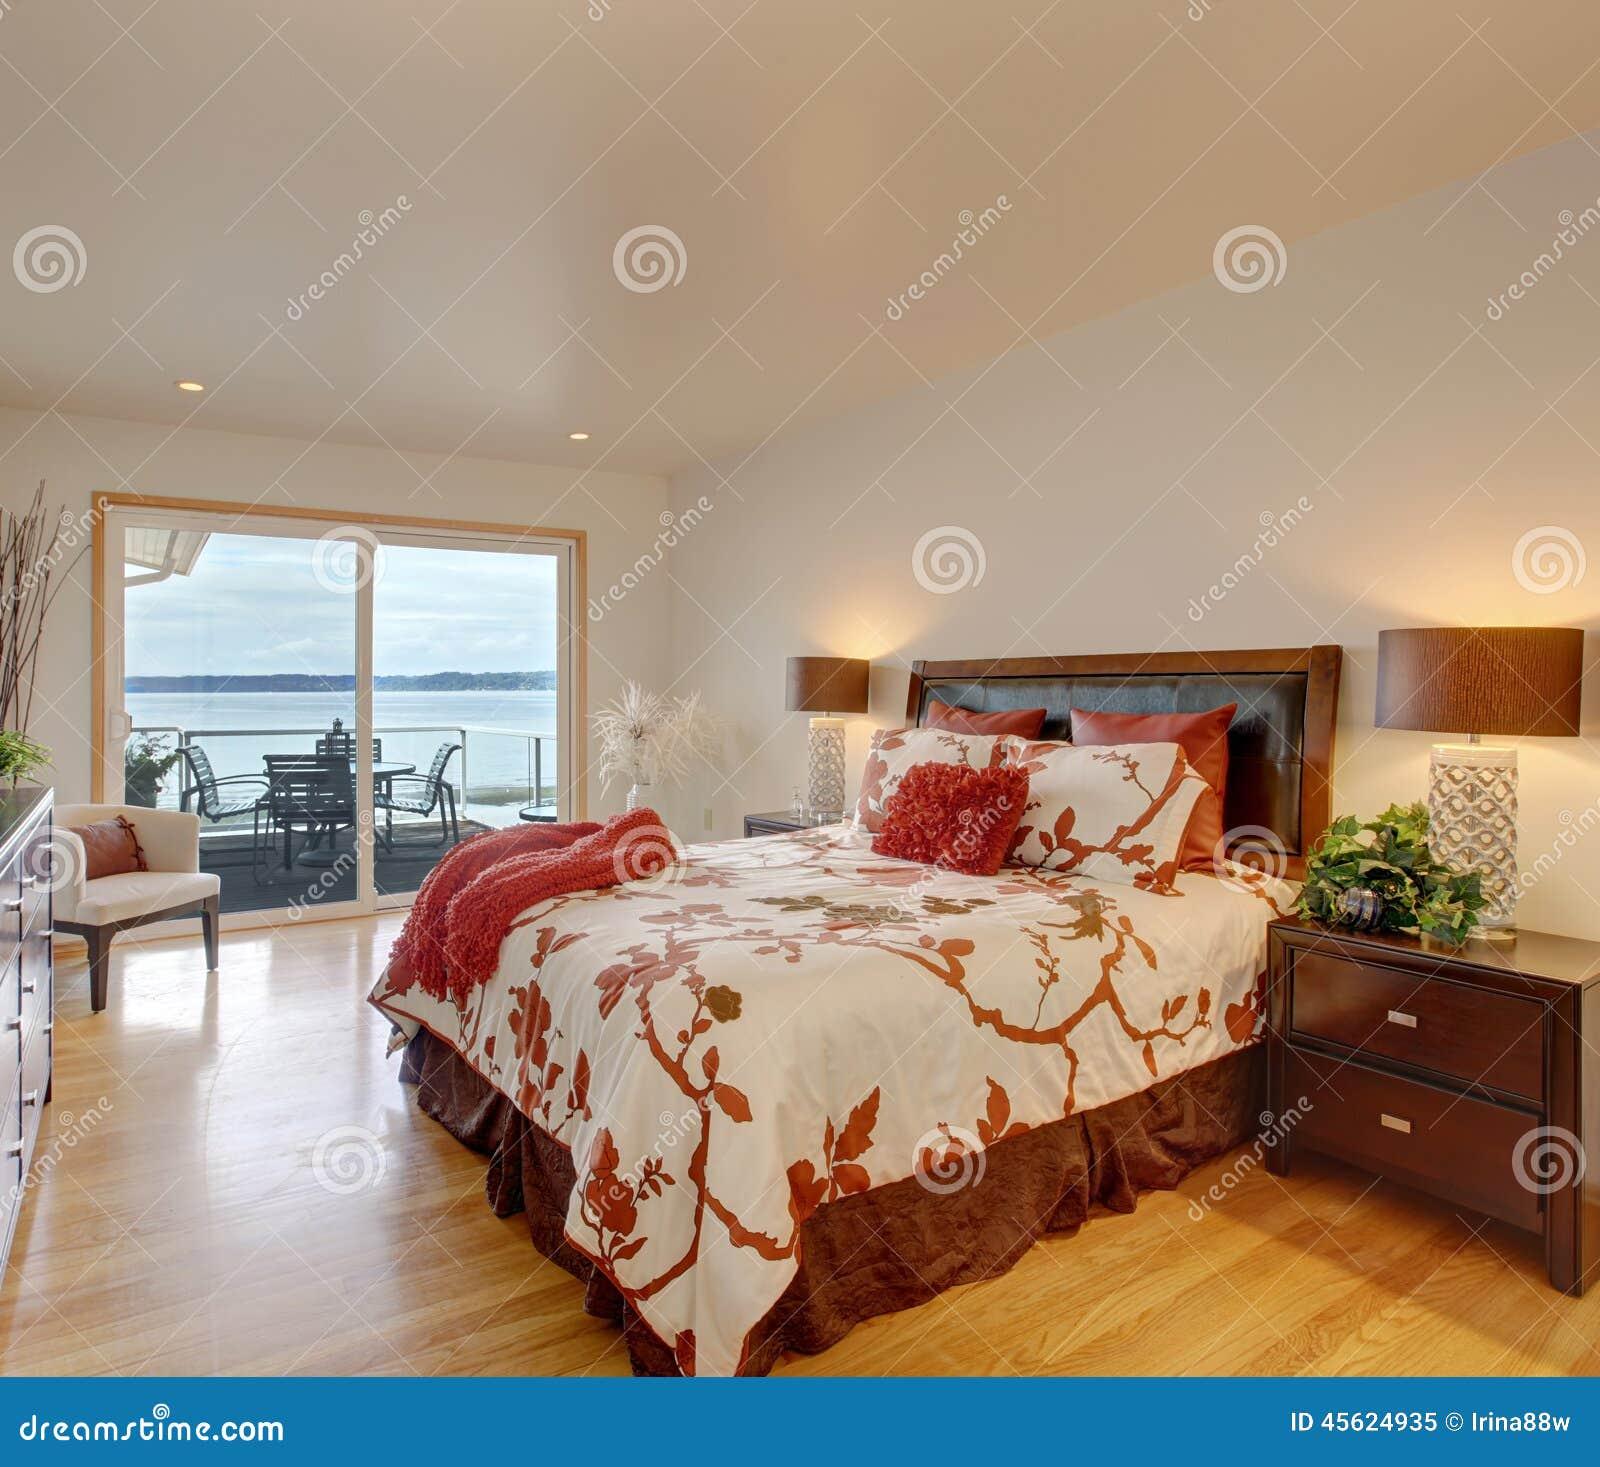 Int Rieur Romantique De Chambre Coucher Principale Avec La Plate Forme De D Brayage Photo